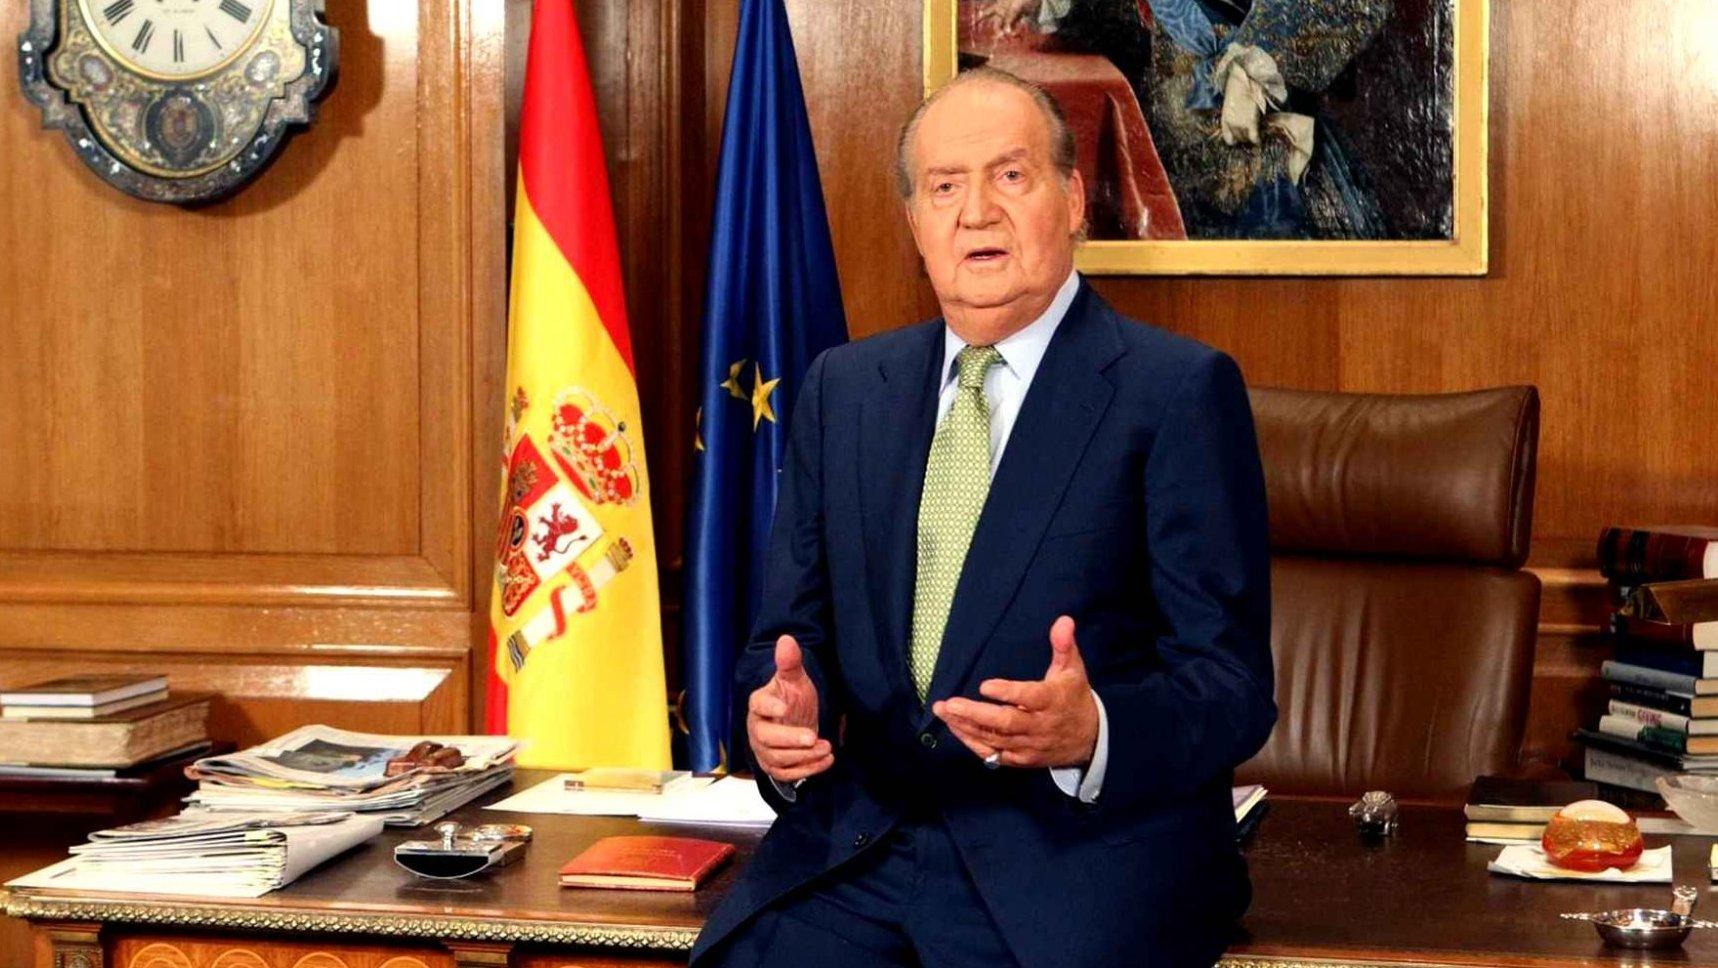 ملك إسبانيا السابق خوان كارلوس